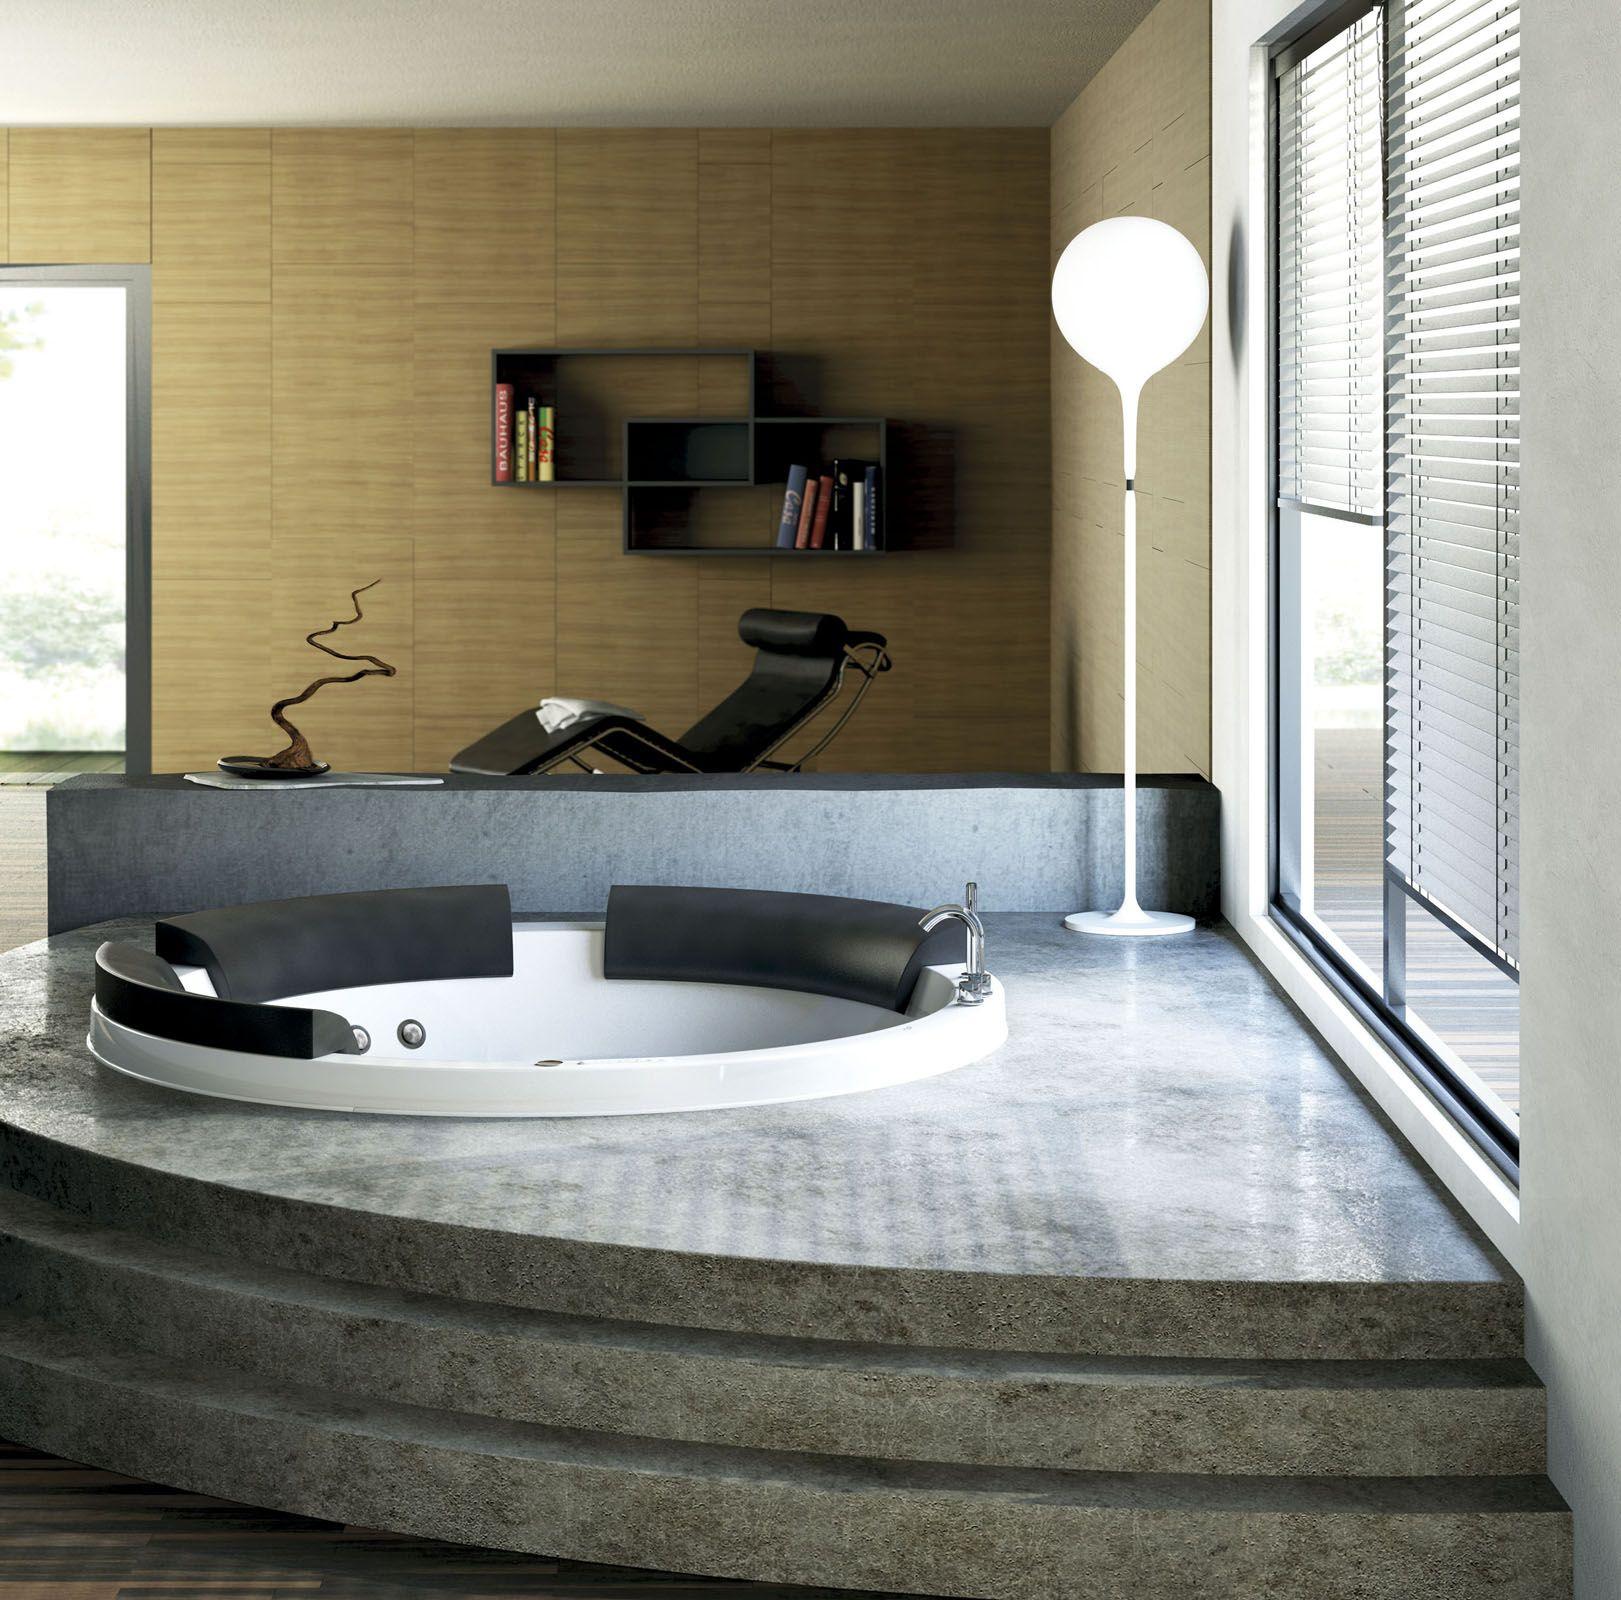 Le vasche idromassaggio WWW, disegnate da Marc Sadler per Ideal ...